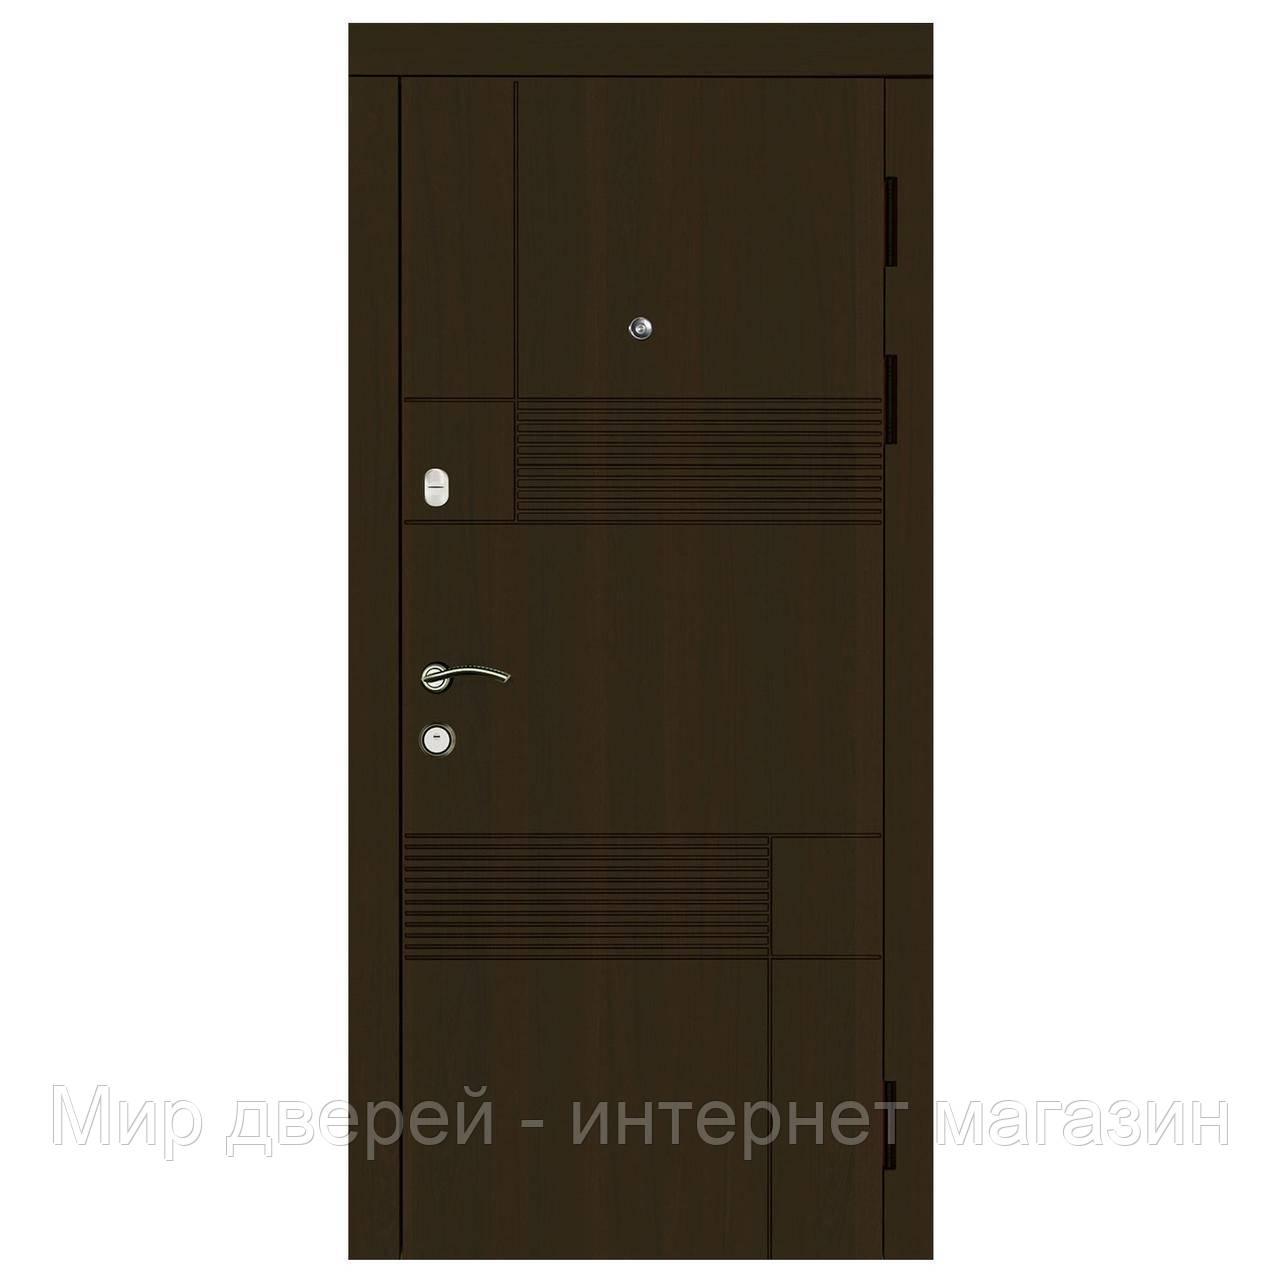 Двери входные KASKAD MODERN Эмма Стандарт 80